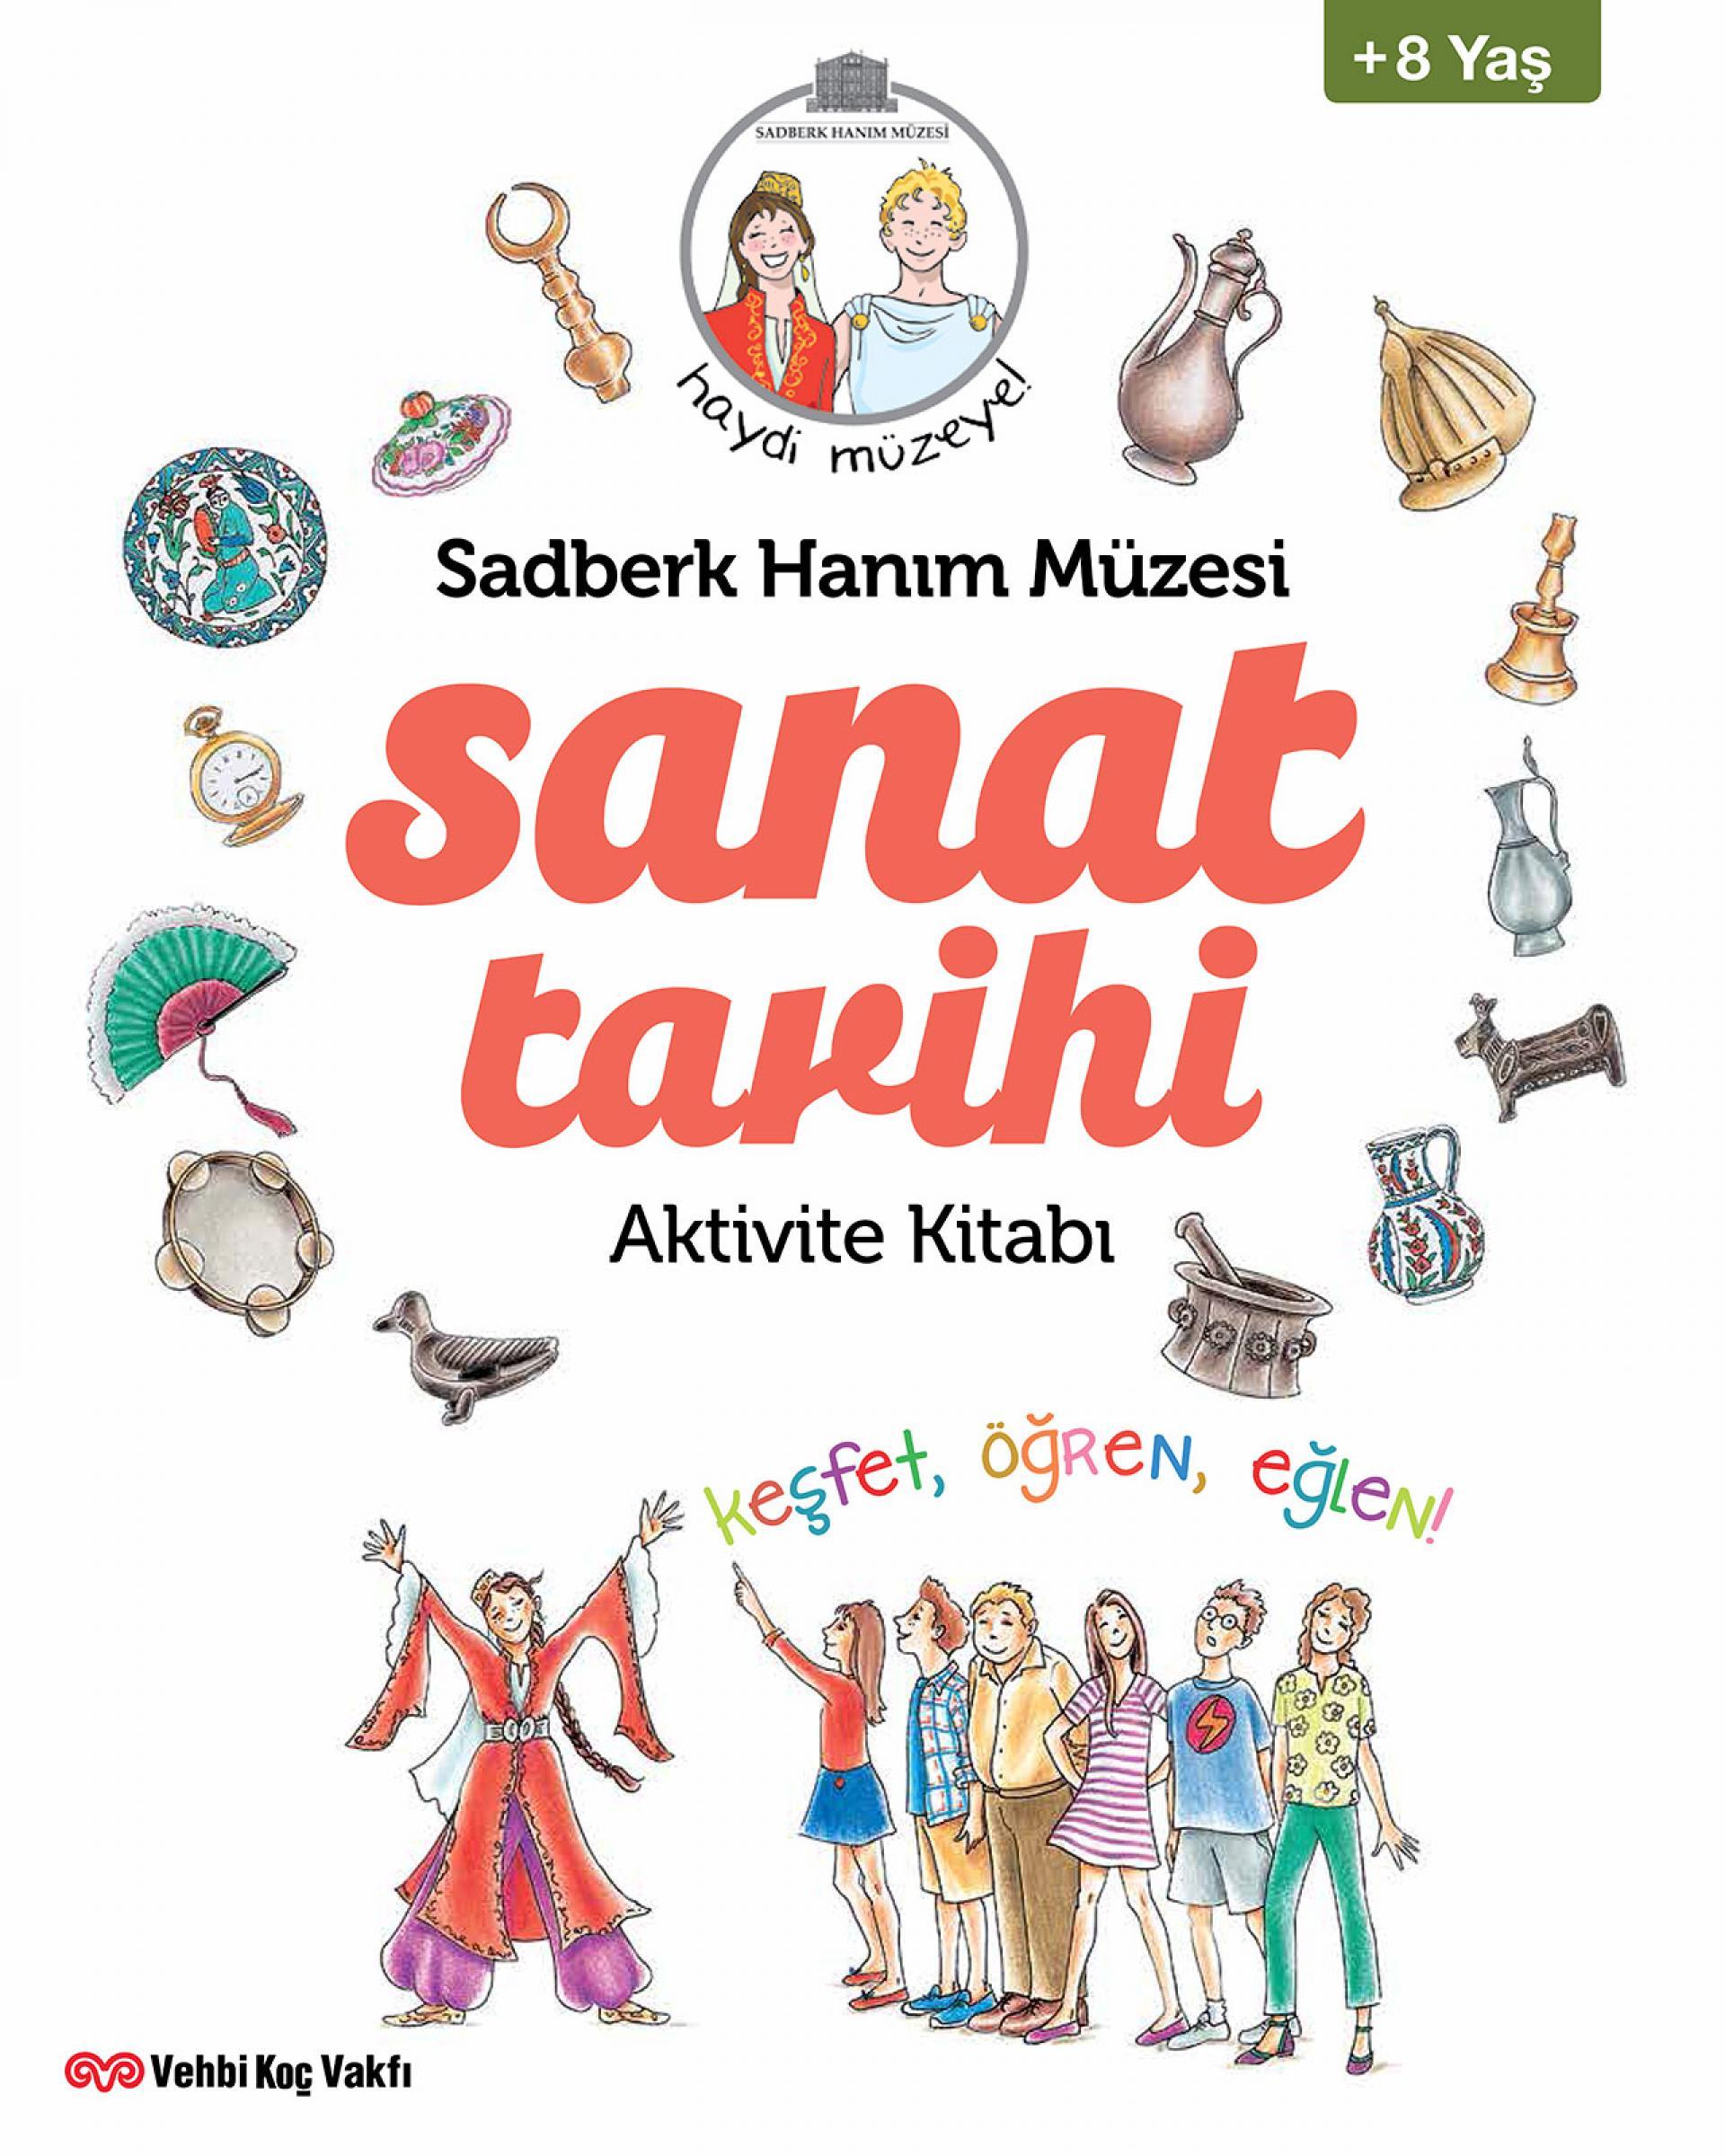 Haydi Müzeye! Sanat Tarihi Aktivite Kitabı - BOOKS - Sadberk Hanım Museum